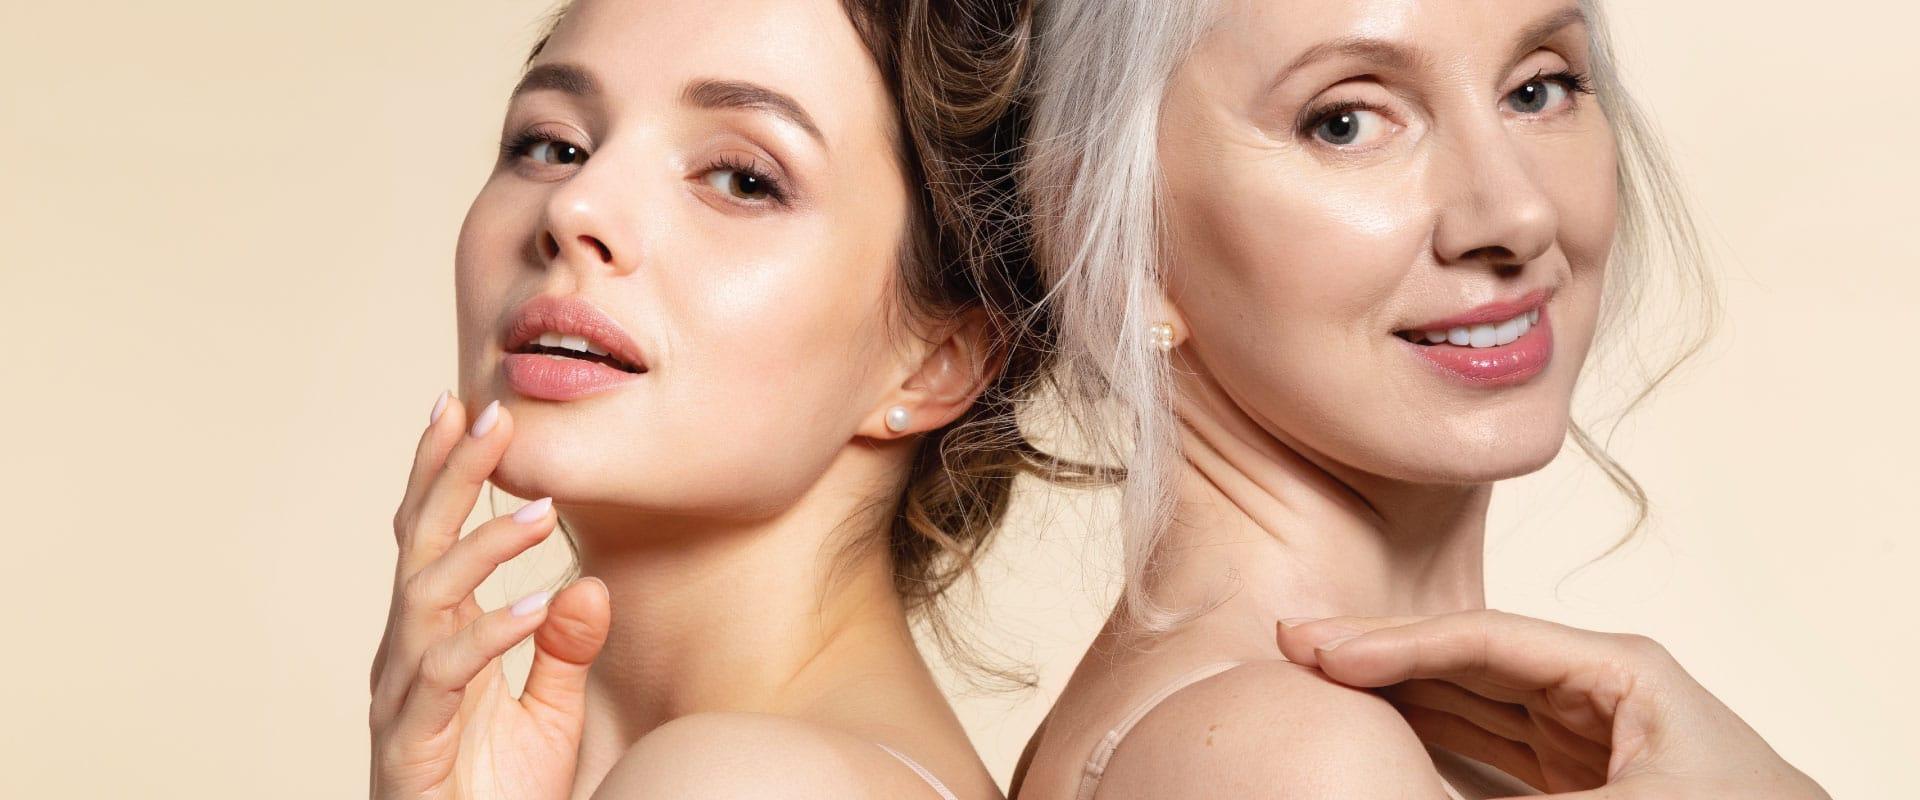 Envejecimiento: entender la biología de la piel para poder realizar protocolos exitosos.